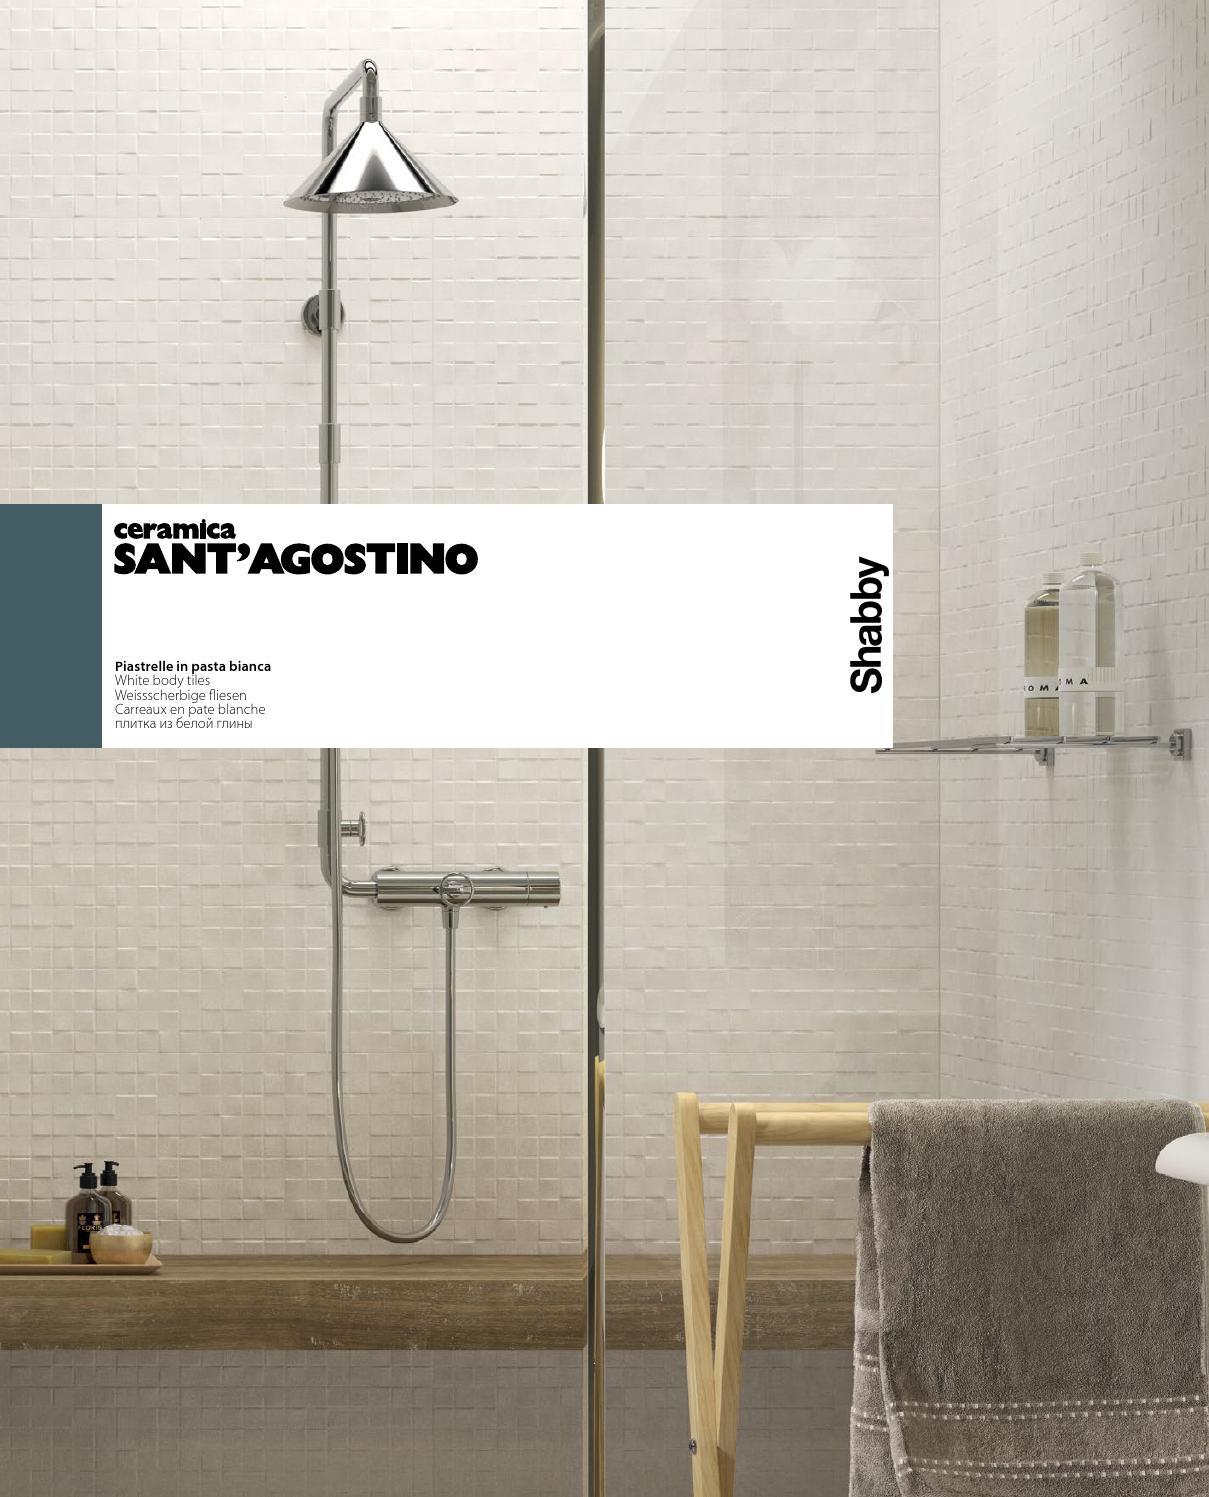 bagno moderno santagostino ~ Comarg.com = Lussuoso Design del Bagno ...